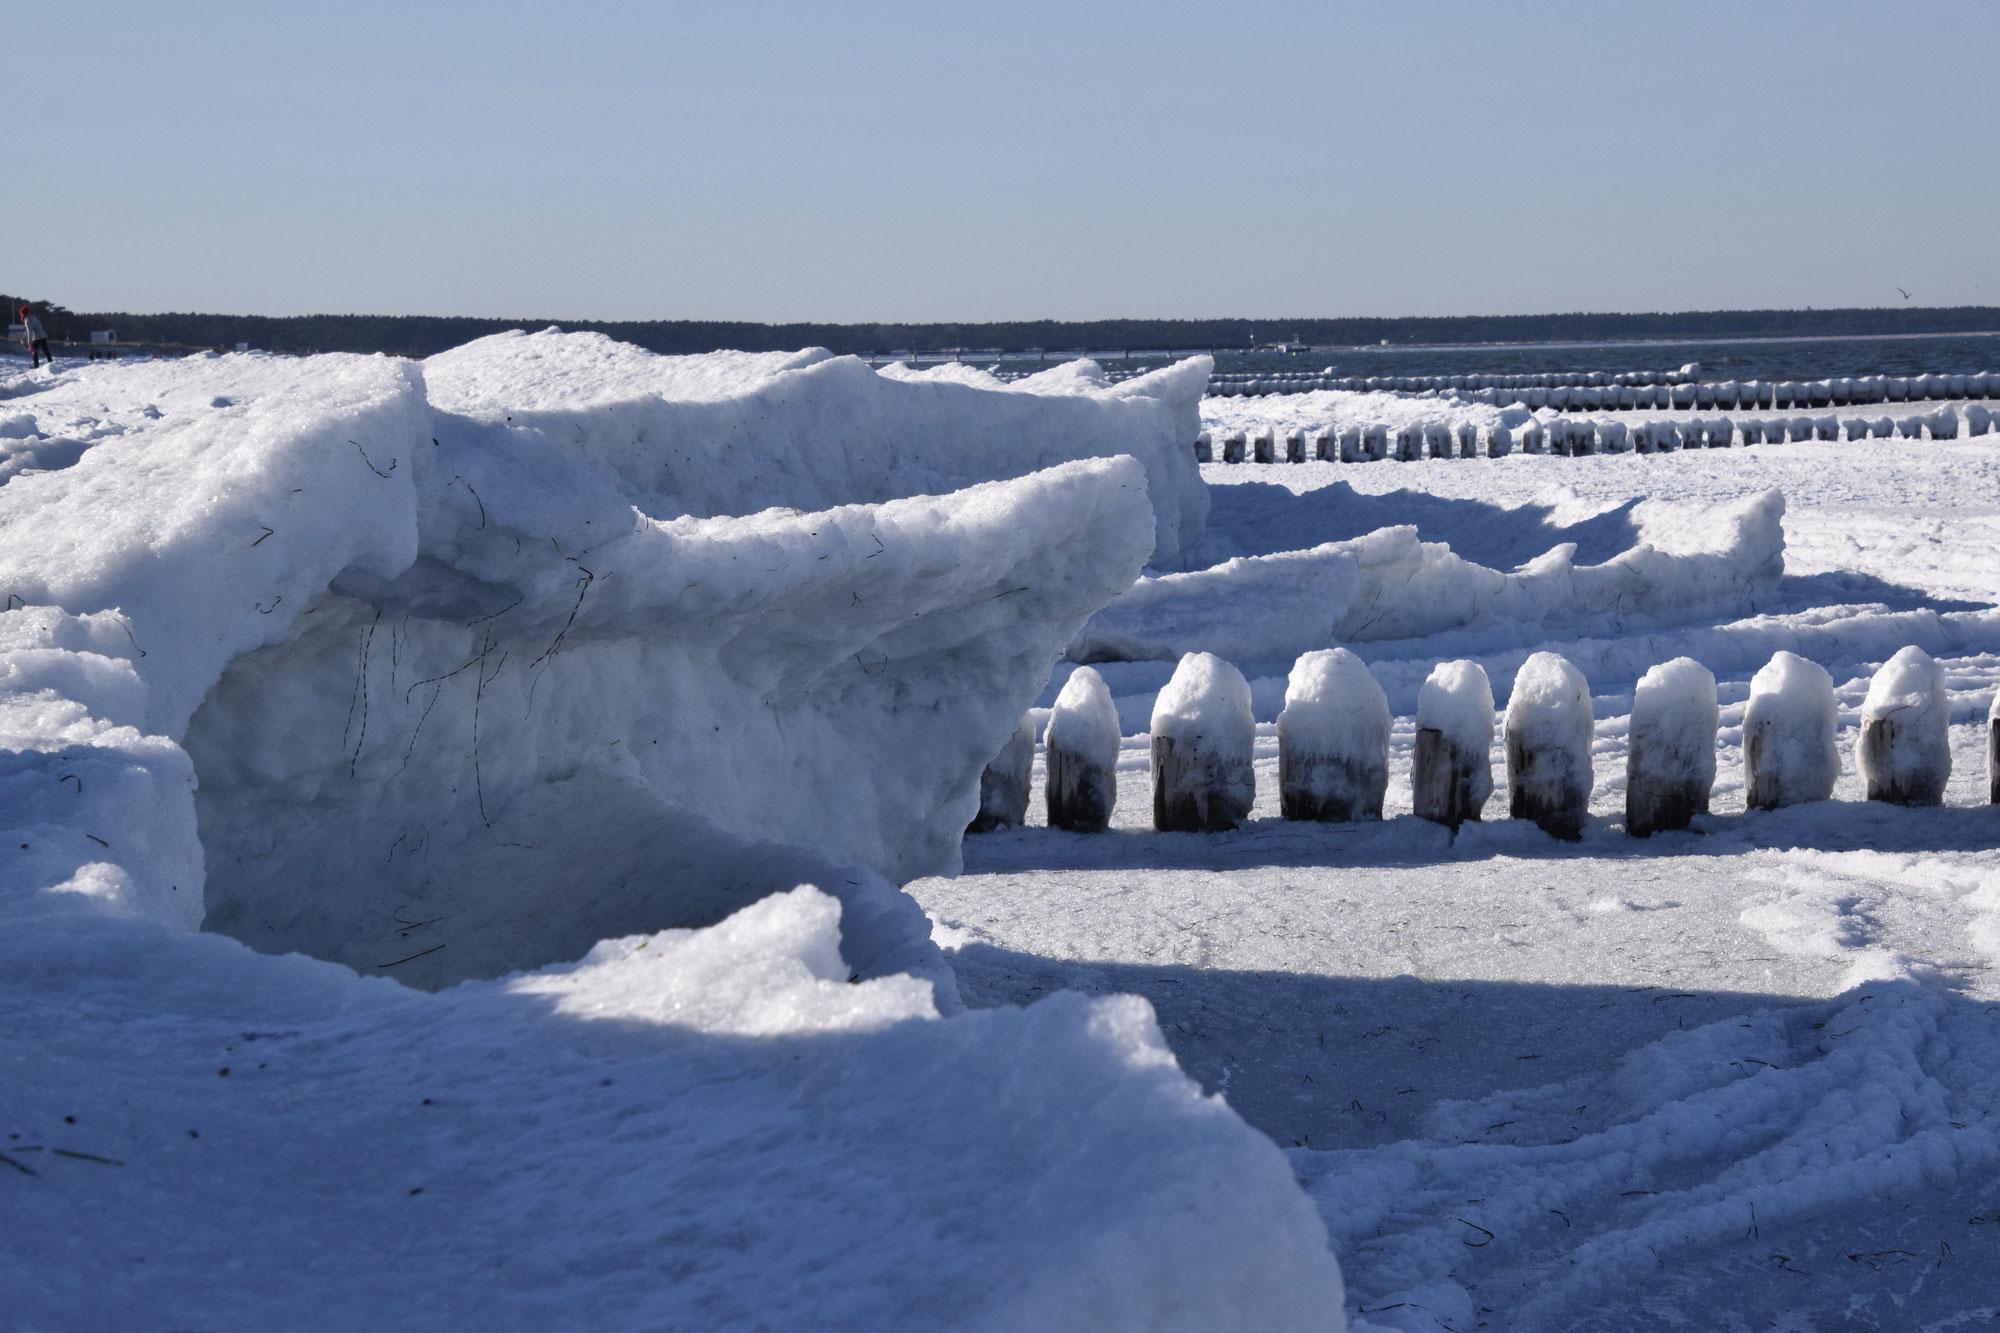 Am liebsten würde ich überall gleichzeitig sein... im WinterZauberLand am Meer!